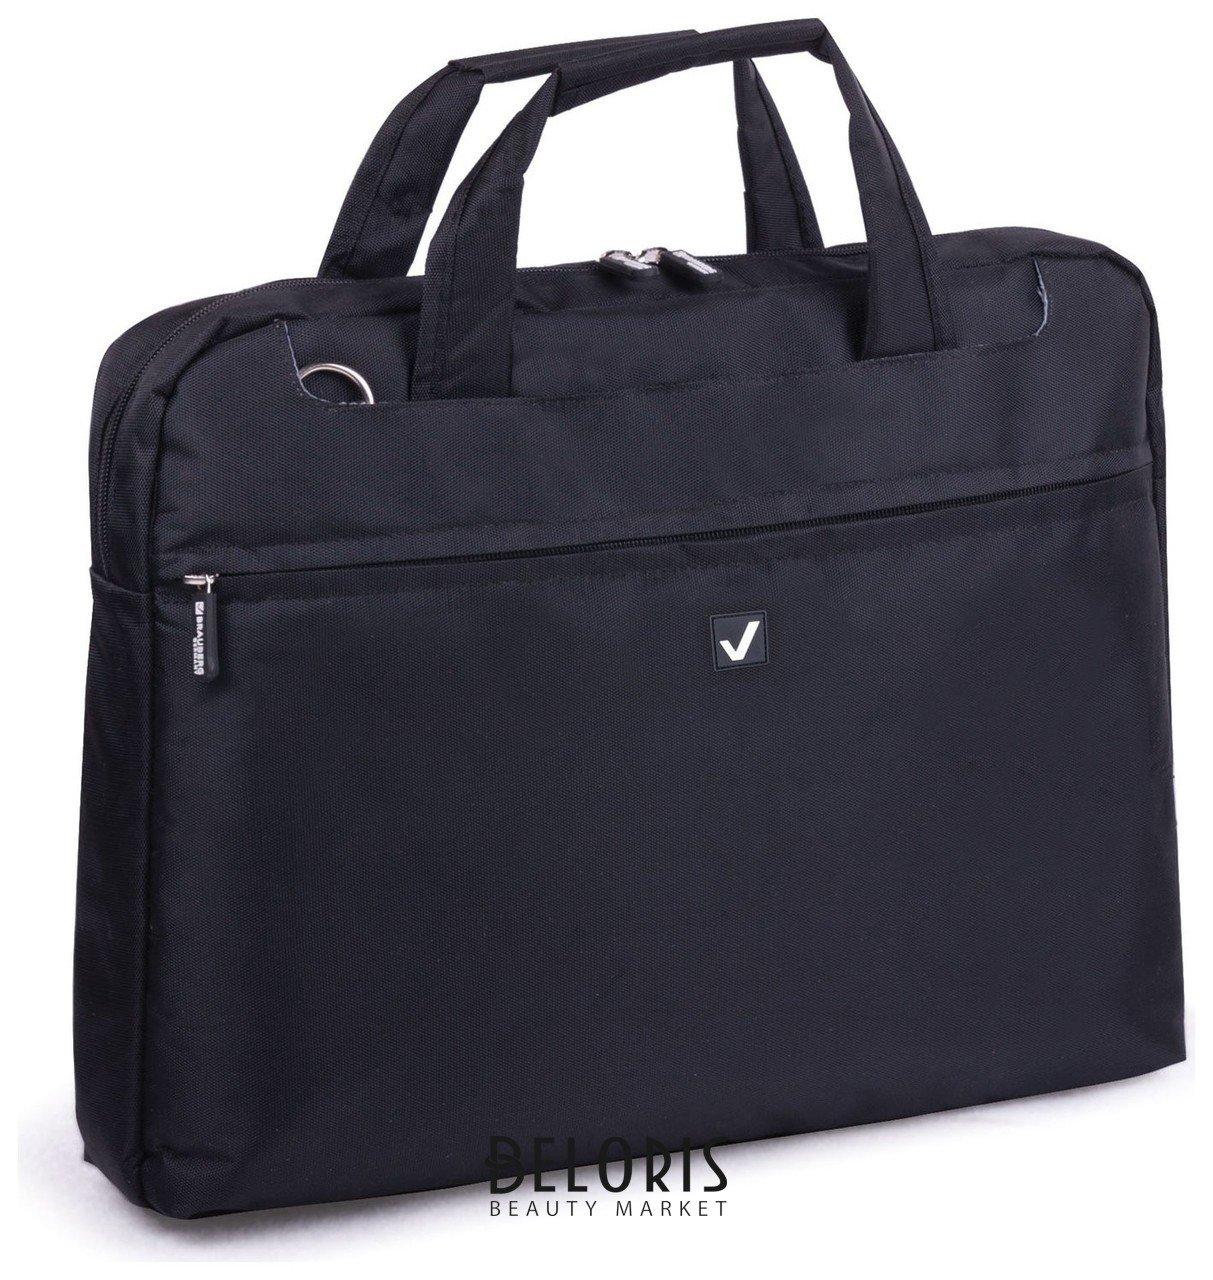 Сумка деловая Brauberg Chance, 25х35х4 см, отделение для планшета и ноутбука 13,3, ткань,черная Brauberg